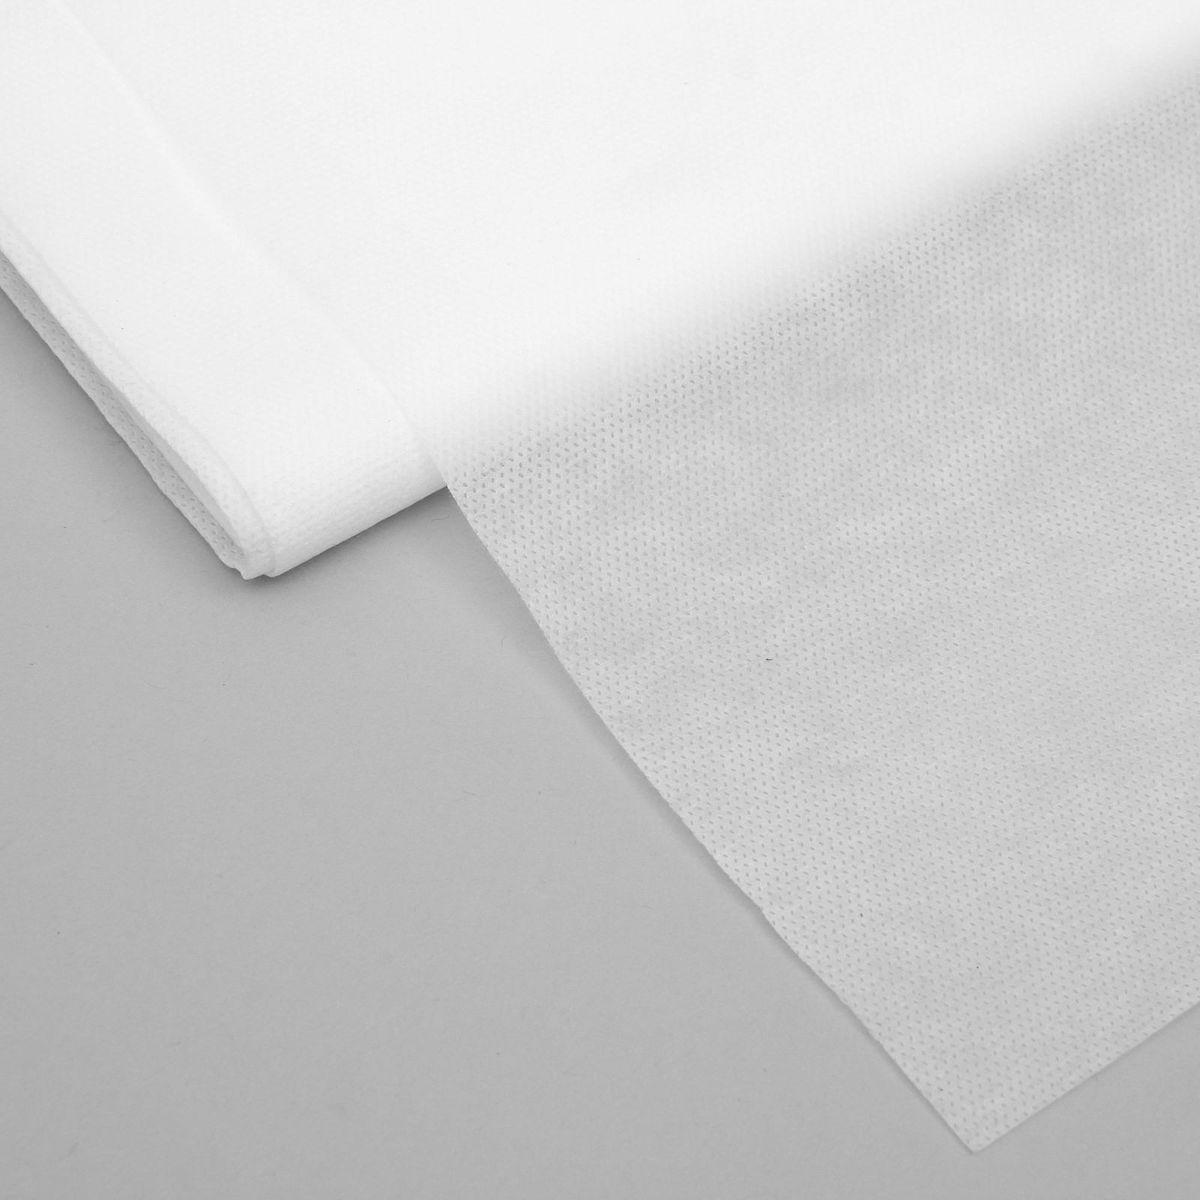 Материал укрывной Агротекс, цвет: белый, 10 х 1,6 м 69357209840-20.000.00Многофункциональность, надёжность и высокое качество — вот отличительные черты укрывного материала «Агротекс». Позаботьтесь о своих посадках заранее! Укрывной материал можно использовать на грядках.Благодаря специально разработанной текстуре он обеспечит надёжную защиту даже самых ранних побегов от: заморозковсолнечных ожоговхолодной росыдождейптиц и грызунов. Он создаёт мягкий, комфортный микроклимат, который способствует росту и развитию рассады. Благодаря новейшим разработкам укрывной материал удерживает влагу, и растения реже нуждаются в поливе. Ближе к зиме опытные садоводы укутывают им стволы деревьев, теплицы и грядки, чтобы исключить промерзание земли и корневой системы. Материал «Агротекс» поможет вам ускорить процесс созревания растений, повысит урожайность, сэкономит средства и силы по уходу за садом.